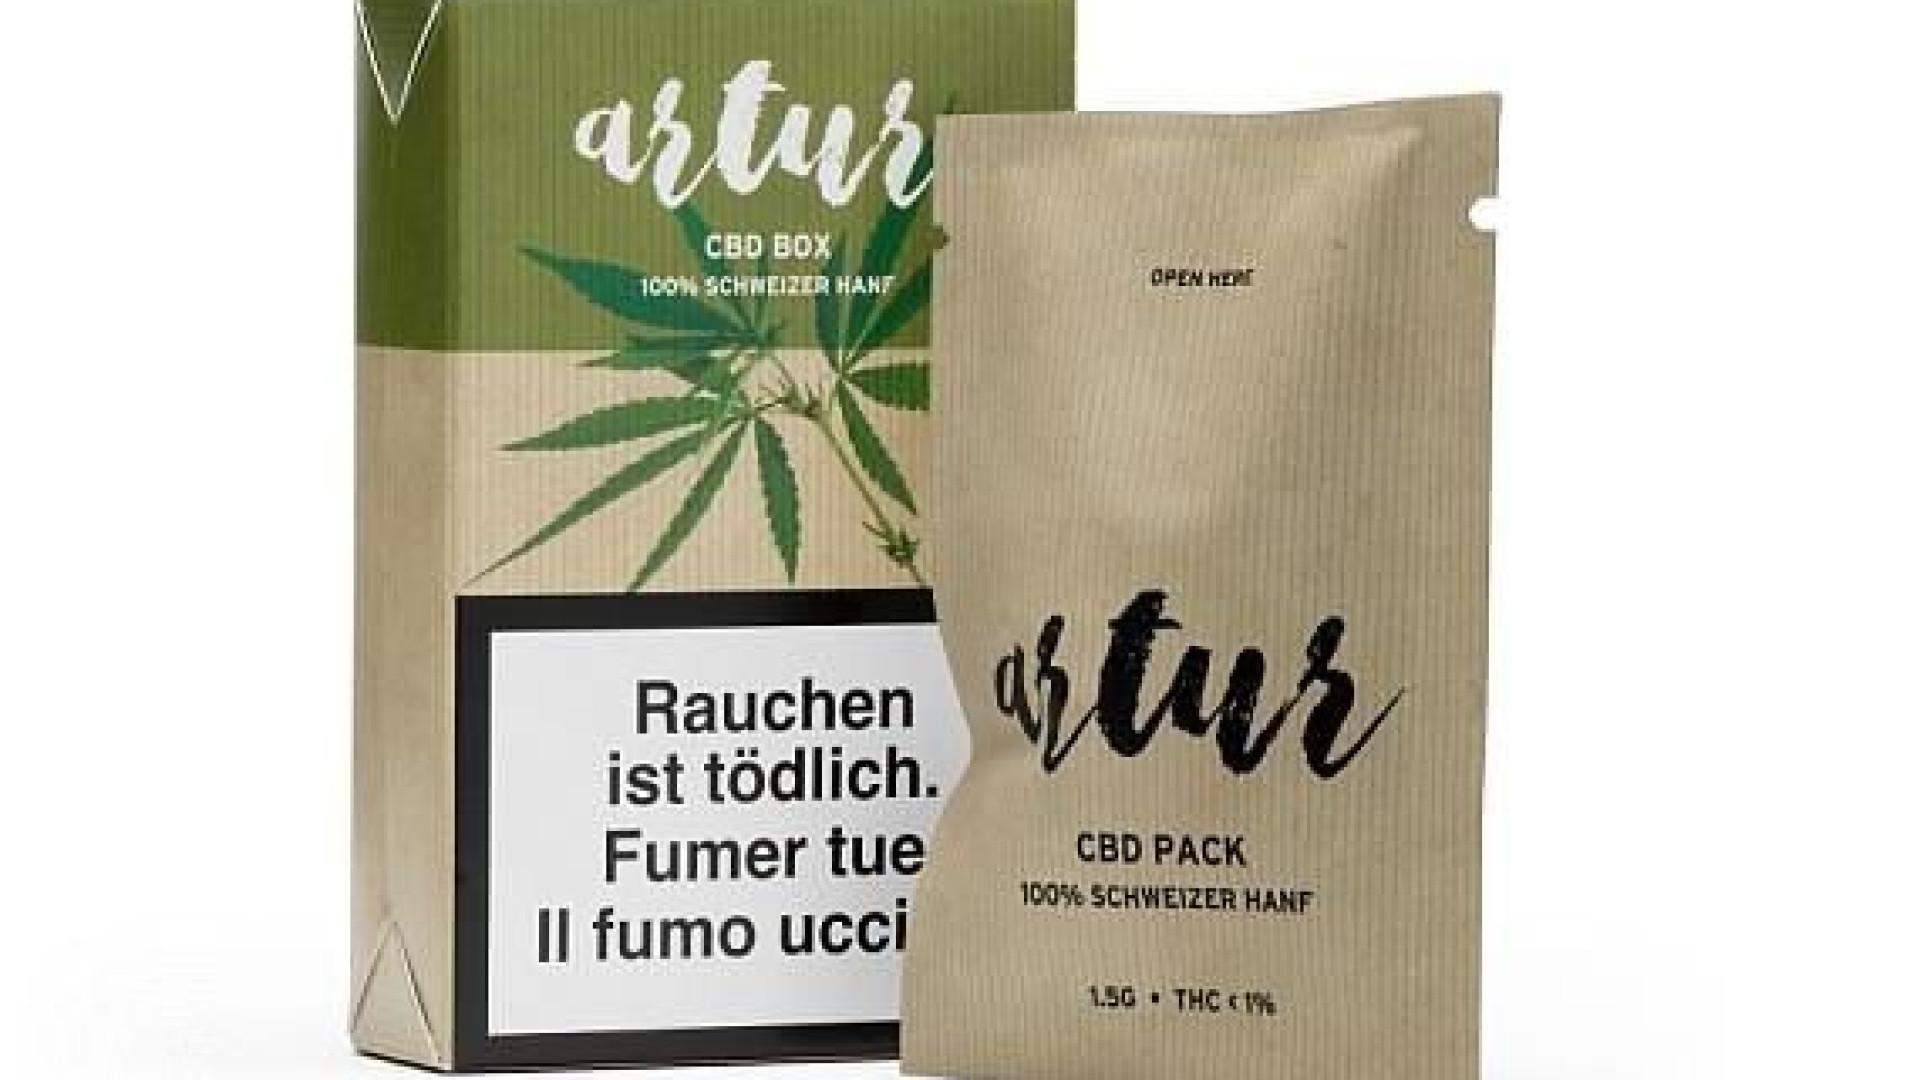 Suíça. Cadeia de supermercados Lidl vende canábis